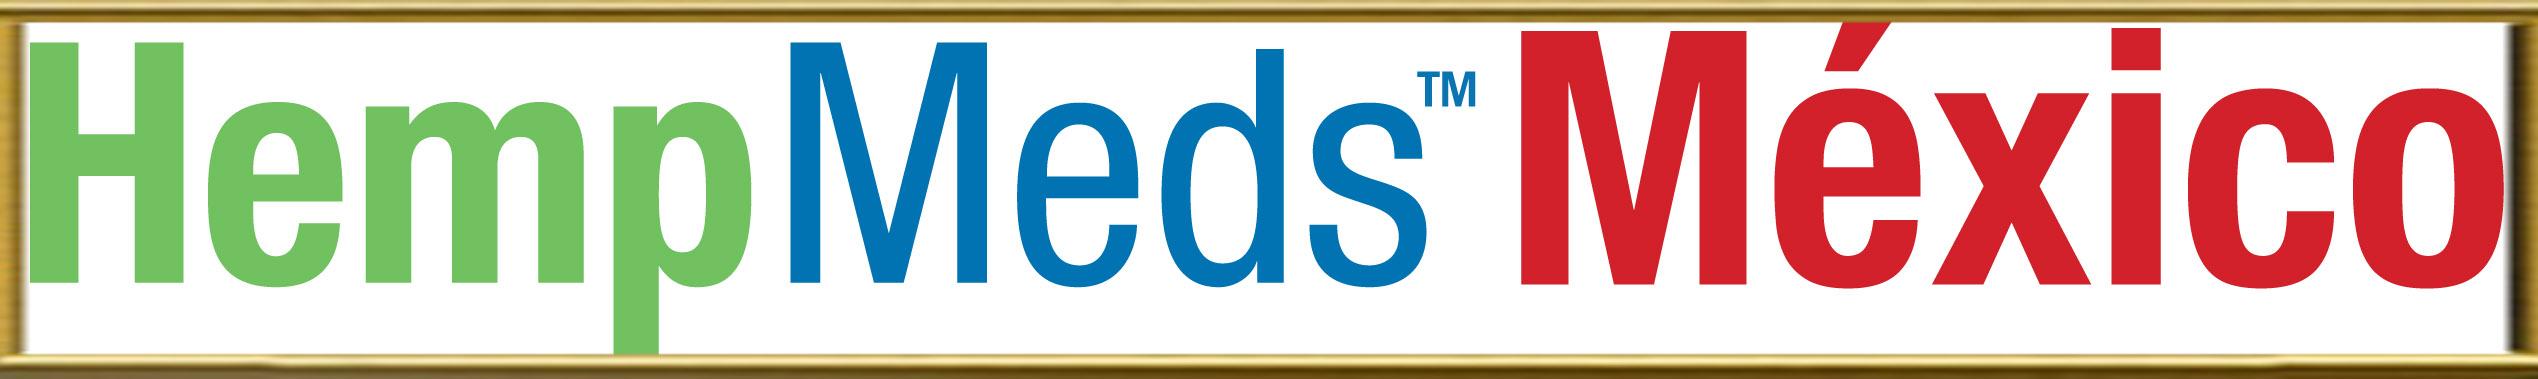 hempmeds_mexico-logo